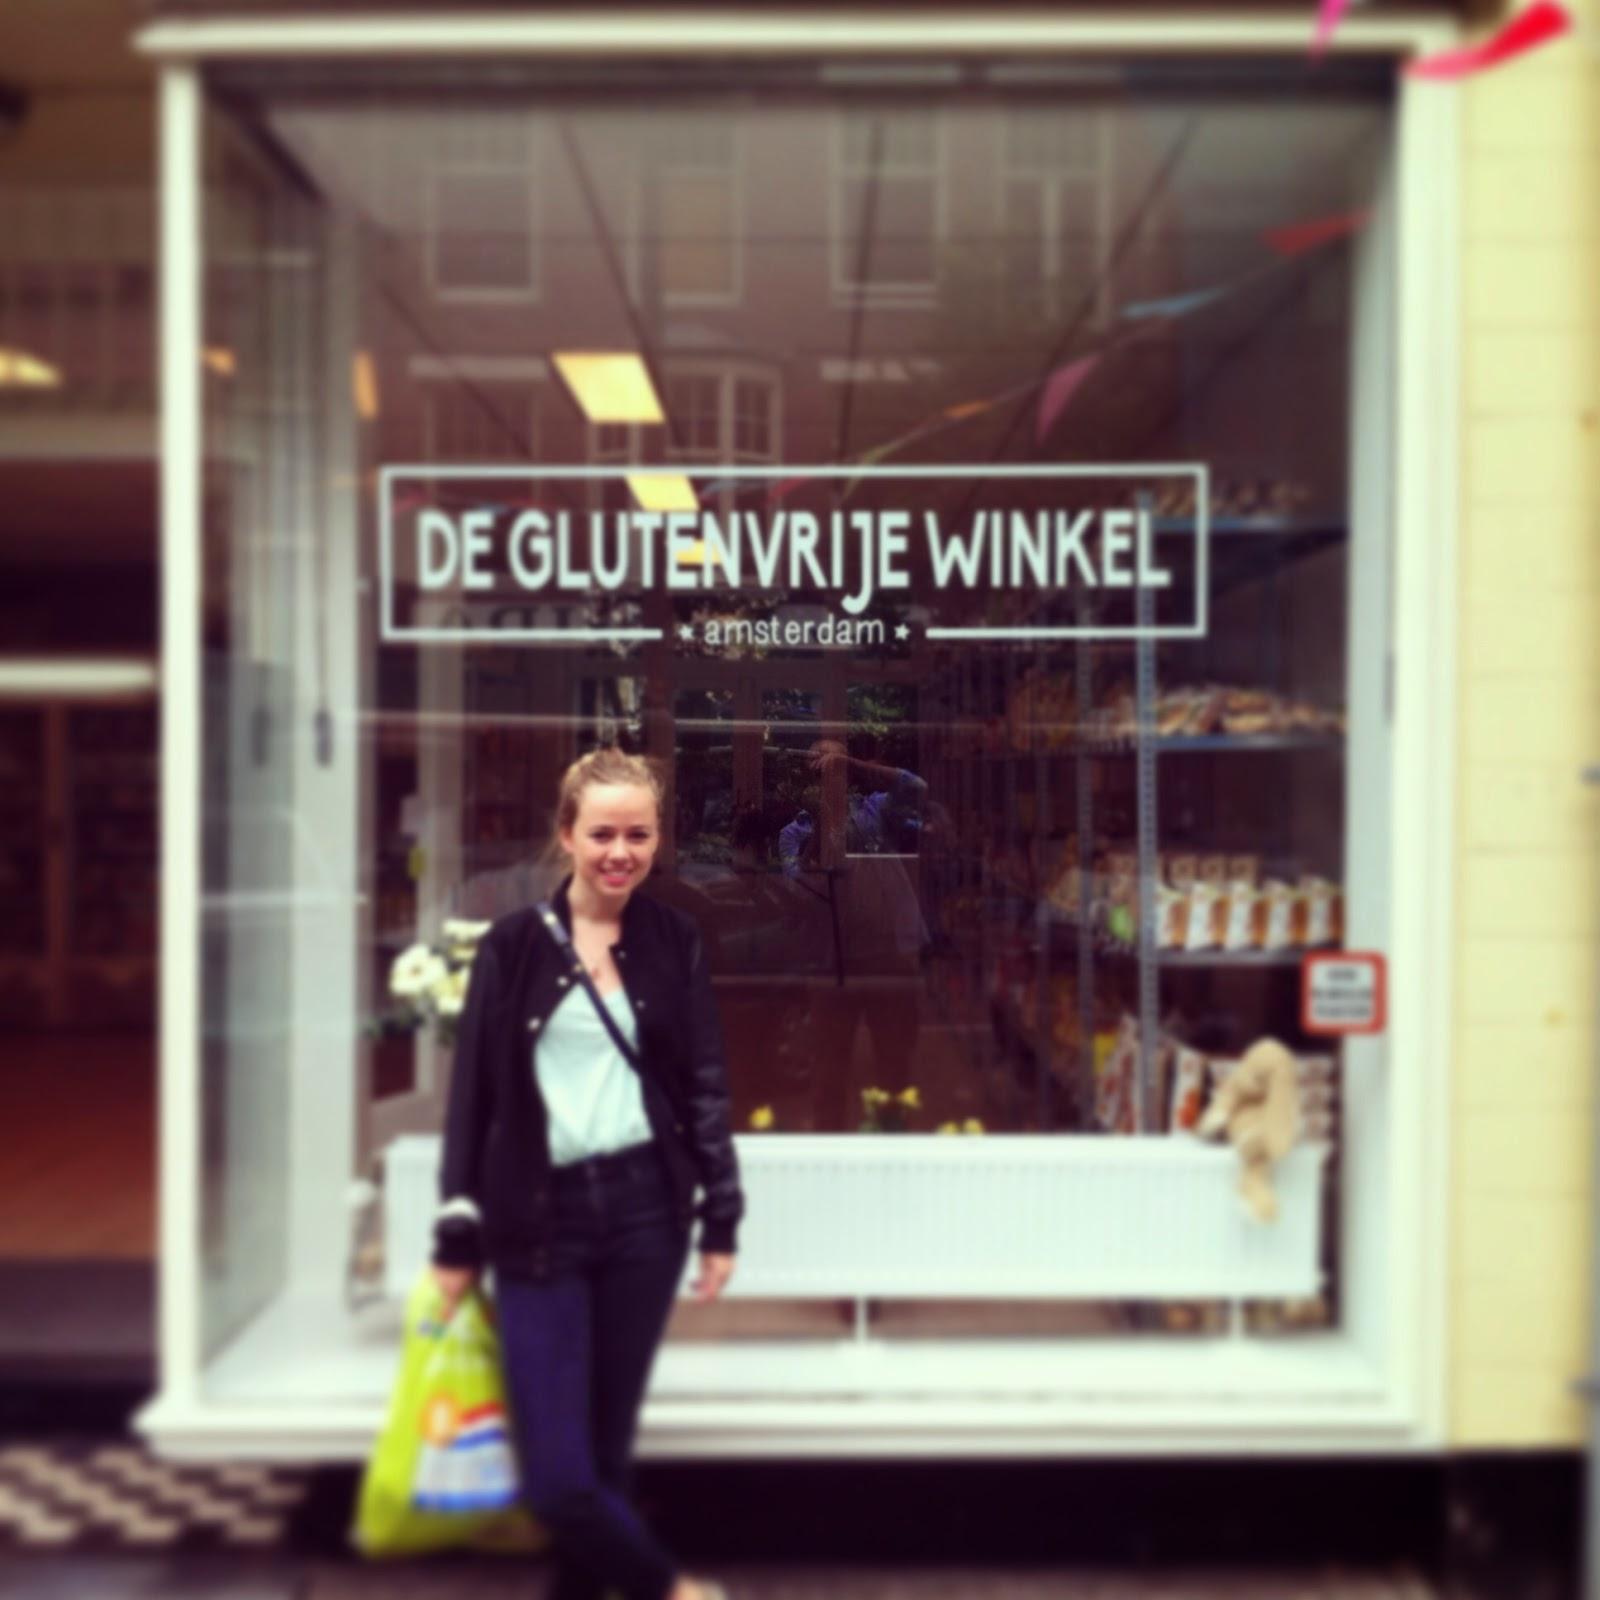 glutenvrijwinkel1